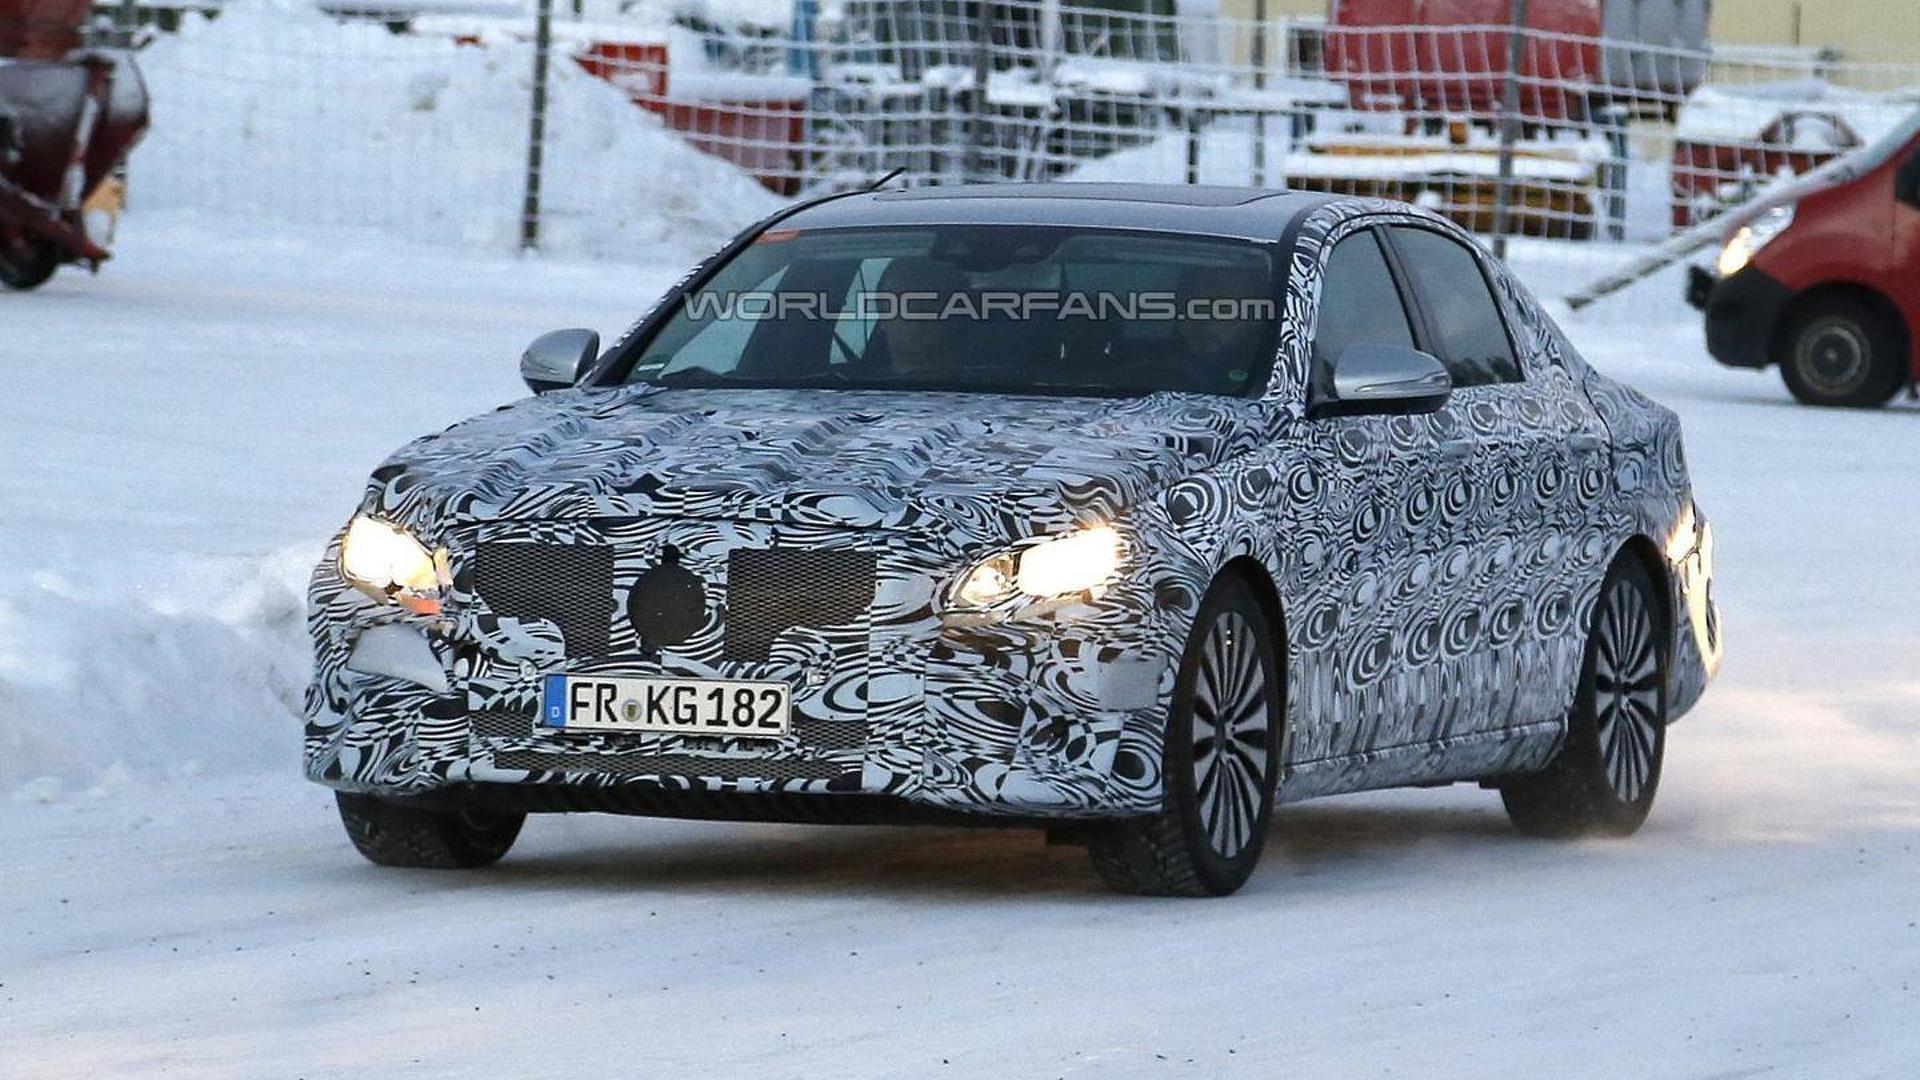 Next-gen Mercedes-Benz E-Class spied up close winter testing